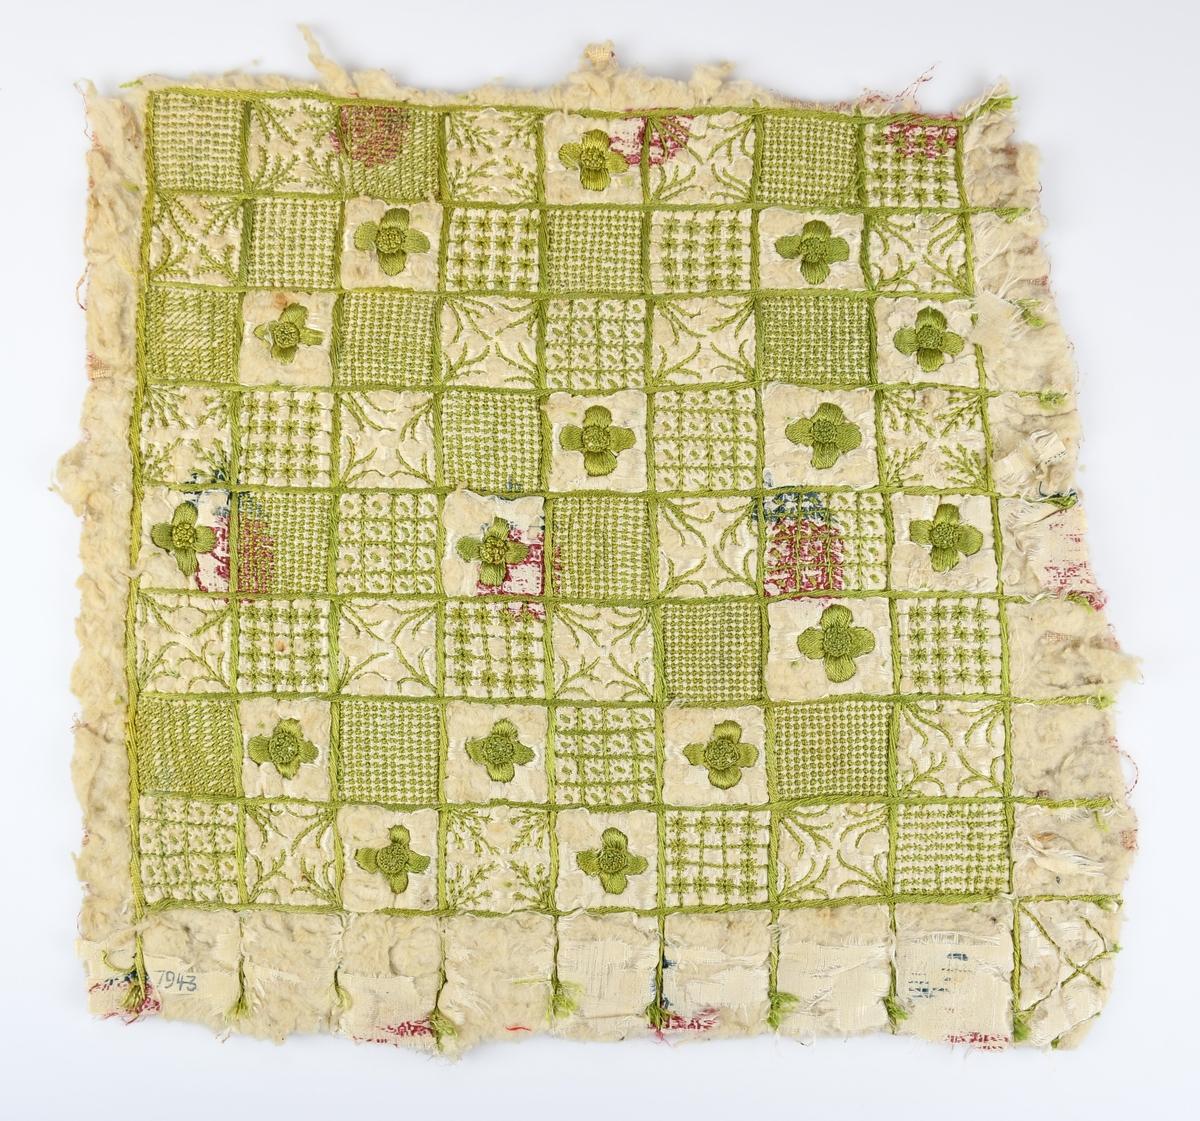 Anmärkningar: L. 310. B. 310. Täcke/delar. Fyra delar klippta ur ett täcke. Vitt sidenbroderi av grön silke, ett rutnät ca 3x3 cm mer eller mindre fyllda rutor med yttäckande broderi och blommor. Sidentyget, slitet, har ivävt rött mönster. Fodertyg av glest oblekt bomullstyg med vegetativt mönstertryck i rött. Mellan tyglagren ett lager vadd. Låg i svepask inventarienummer 9790.